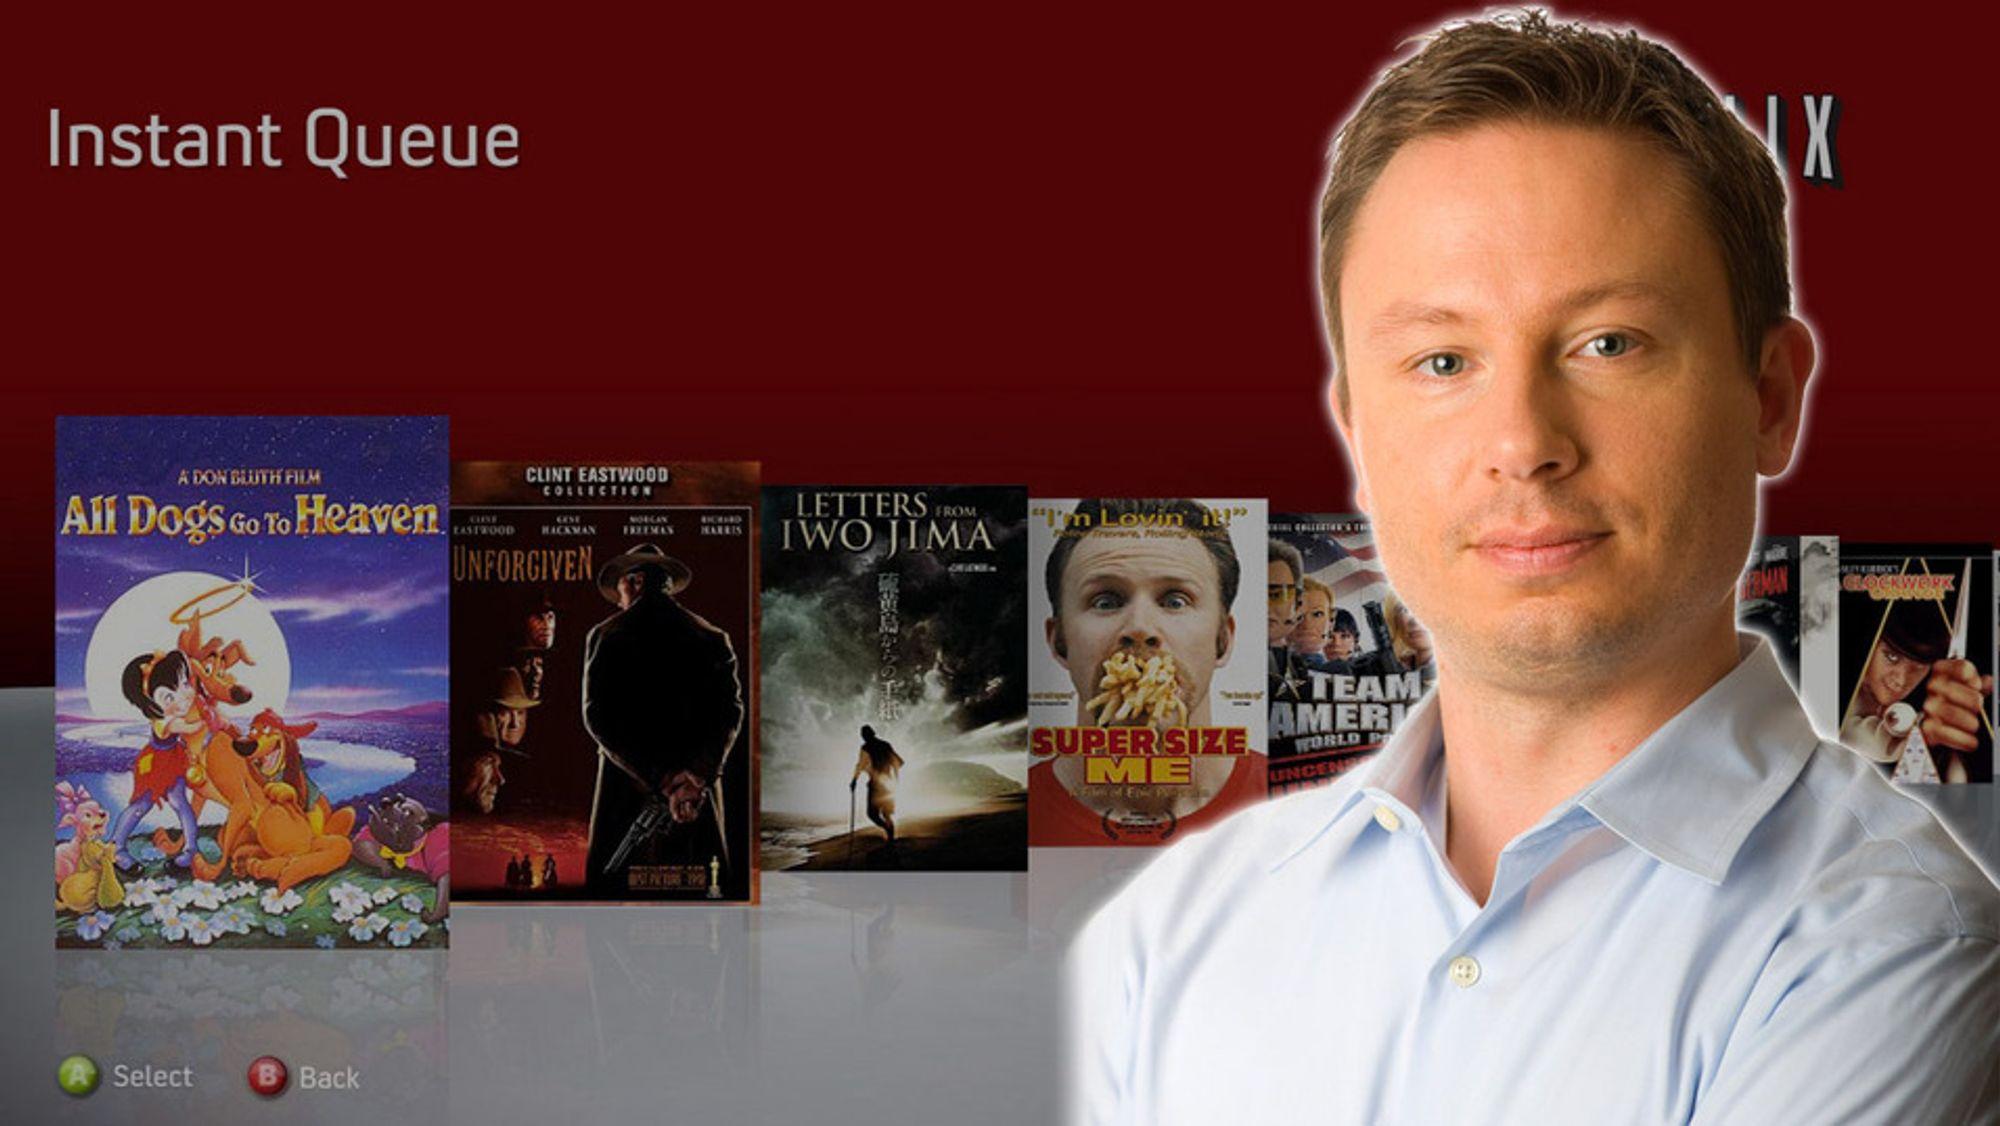 Kommunikasjonsansvarlig Joris Evers i Netflix avviser at Netflix betaler for å slippe inn i noe bredbåndsnett.